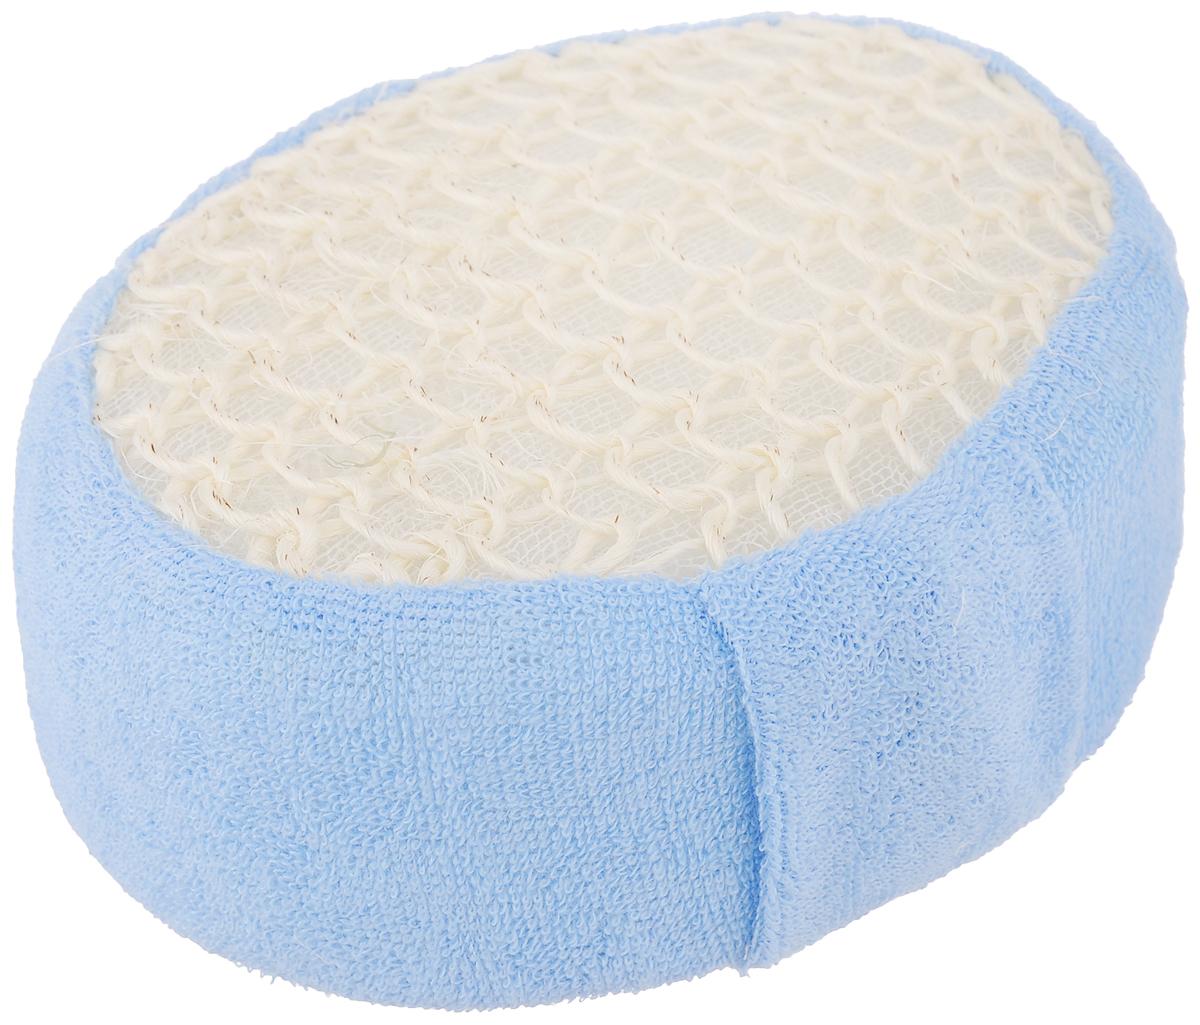 Мочалка Банные штучки, из сизаля и хлопка, цвет: голубой40091_голНатуральная мочалка Банные штучки выполнена из волокна мексиканской агавы - сизаля. Предназначена для интенсивного, антицеллюлитного массажа, обладает эффектом скраба. Обратная сторона мочалки изготовлена из нежного хлопка, бережно очищающего кожу. Идеально подходит для людей, склонных к аллергии, так как не требует использования мыла. Рекомендуется предварительно запарить.